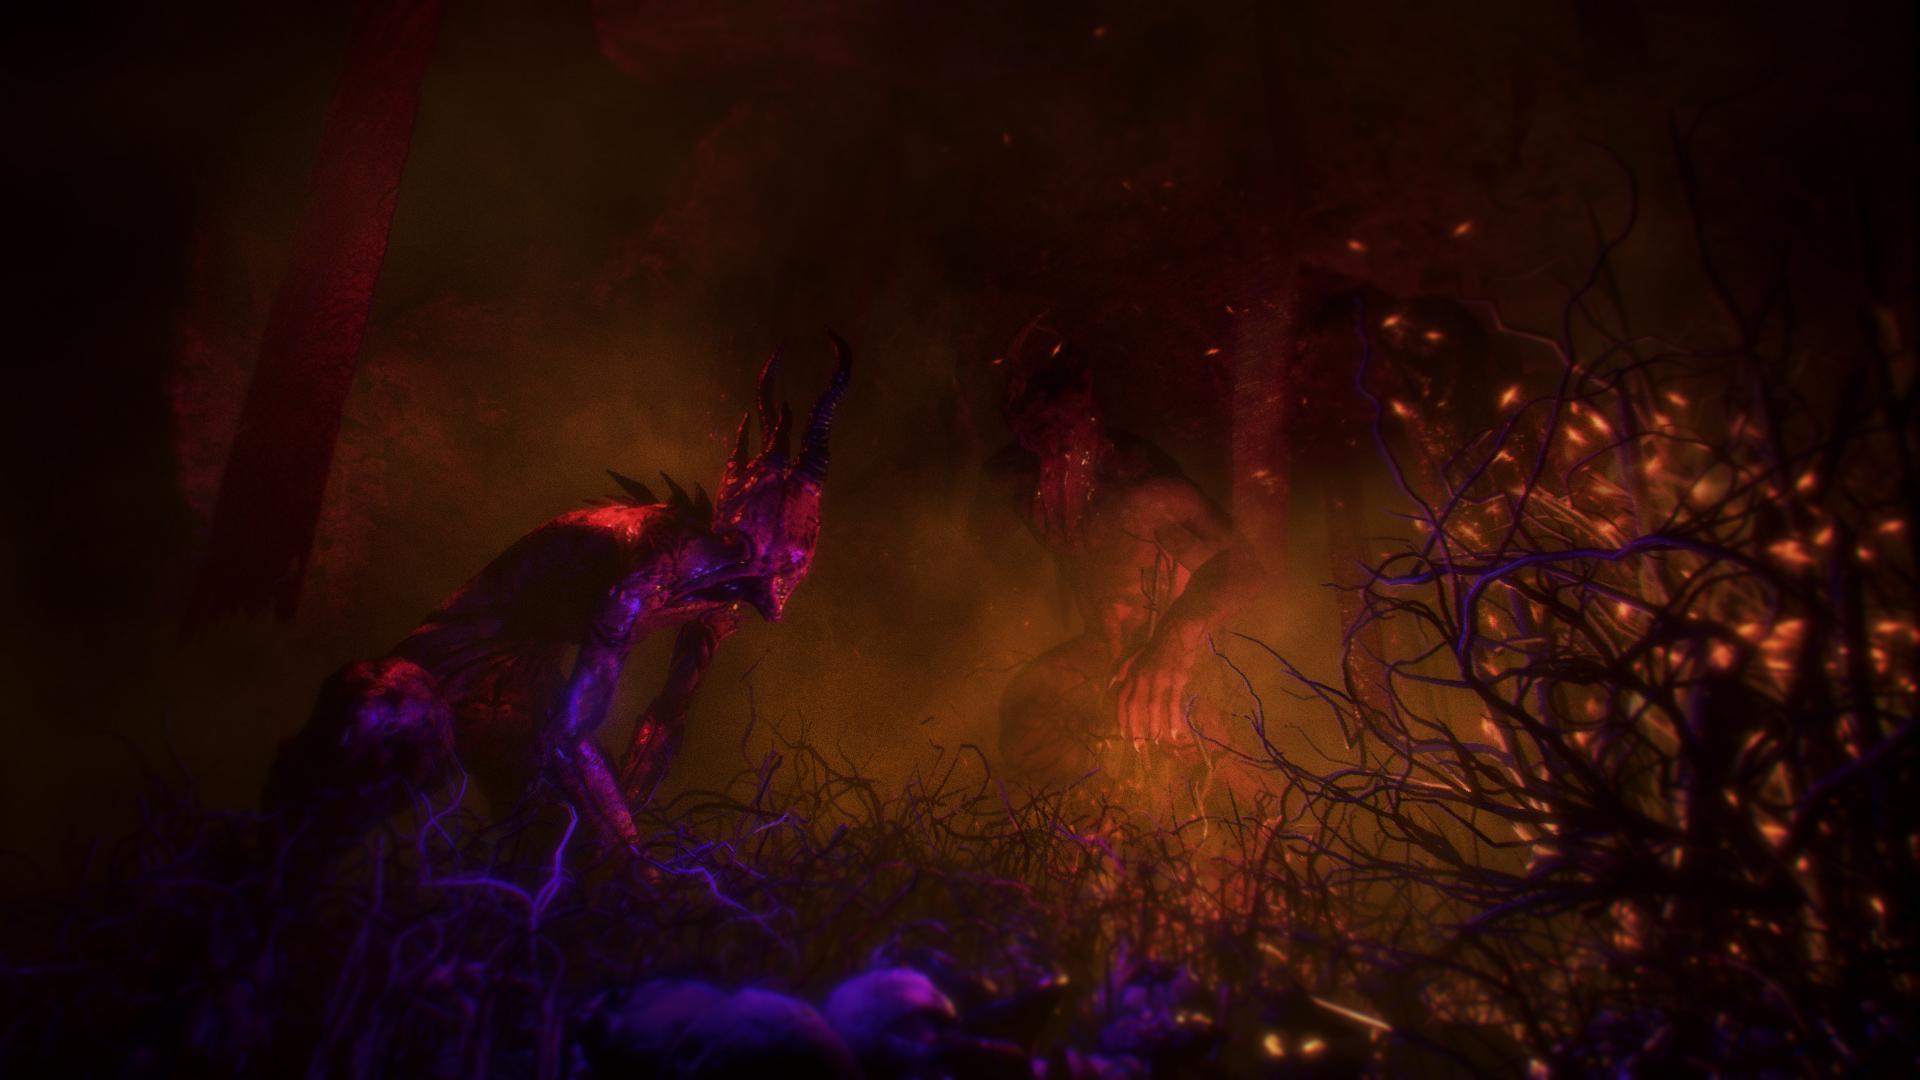 В новом трейлере хоррора Agony показали Красную Богиню